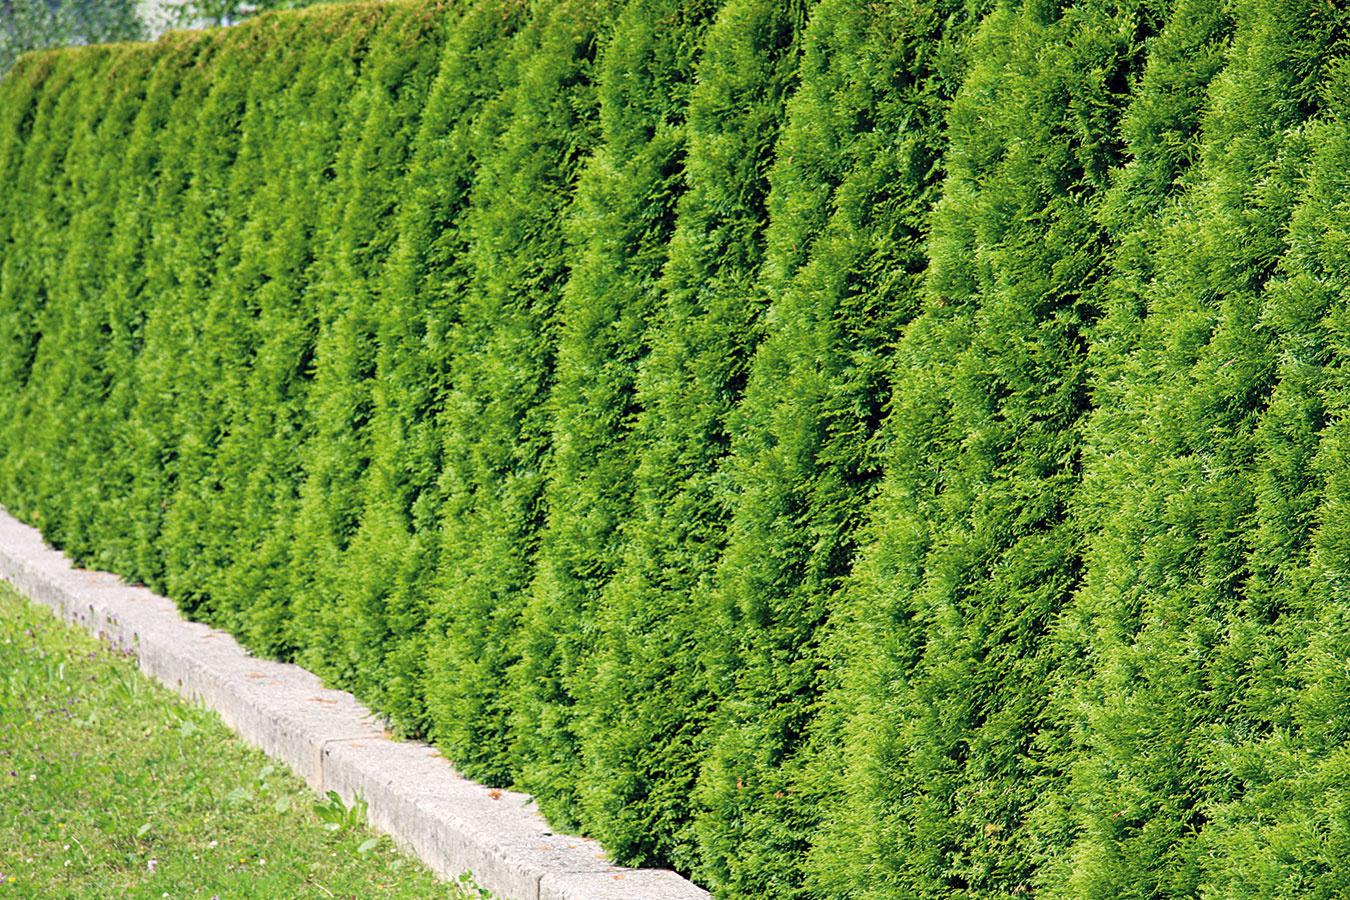 Ihličnanmi možno oddeliť záhradu od susedných pozemkov, prípadne rozdeliť ten vlastný. Treba však myslieť na to, že nie všetky druhy sú vhodné na tvarovaný živý plot. Ideálny je napríklad tis, ktorý výborne znáša rez. Do voľne rastúceho, teda netvarovaného plota sú vhodné niektoré kultivary tuje západnej (Thuja occidentalis). Vďačný je 'Smaragd', ktorý videálnych podmienkach dorastá do výšky 5 m ašírky 1,5 m, má pekný tvar, kompaktný rast asmaragdové sfarbenie, ktoré pretrváva aj vzime. Vyžaduje slnečné miesto amierne vlhkú, nie vysychavú pôdu skyslou alebo alkalickou reakciou. Rez nie je potrebný, vprípade nutnosti ale možno po rokoch pestovania jemne zrezať vrch, prípadne aj boky. Pri výsadbe je dôležité zohľadniť správne rozstupy medzi jednotlivými rastlinami.